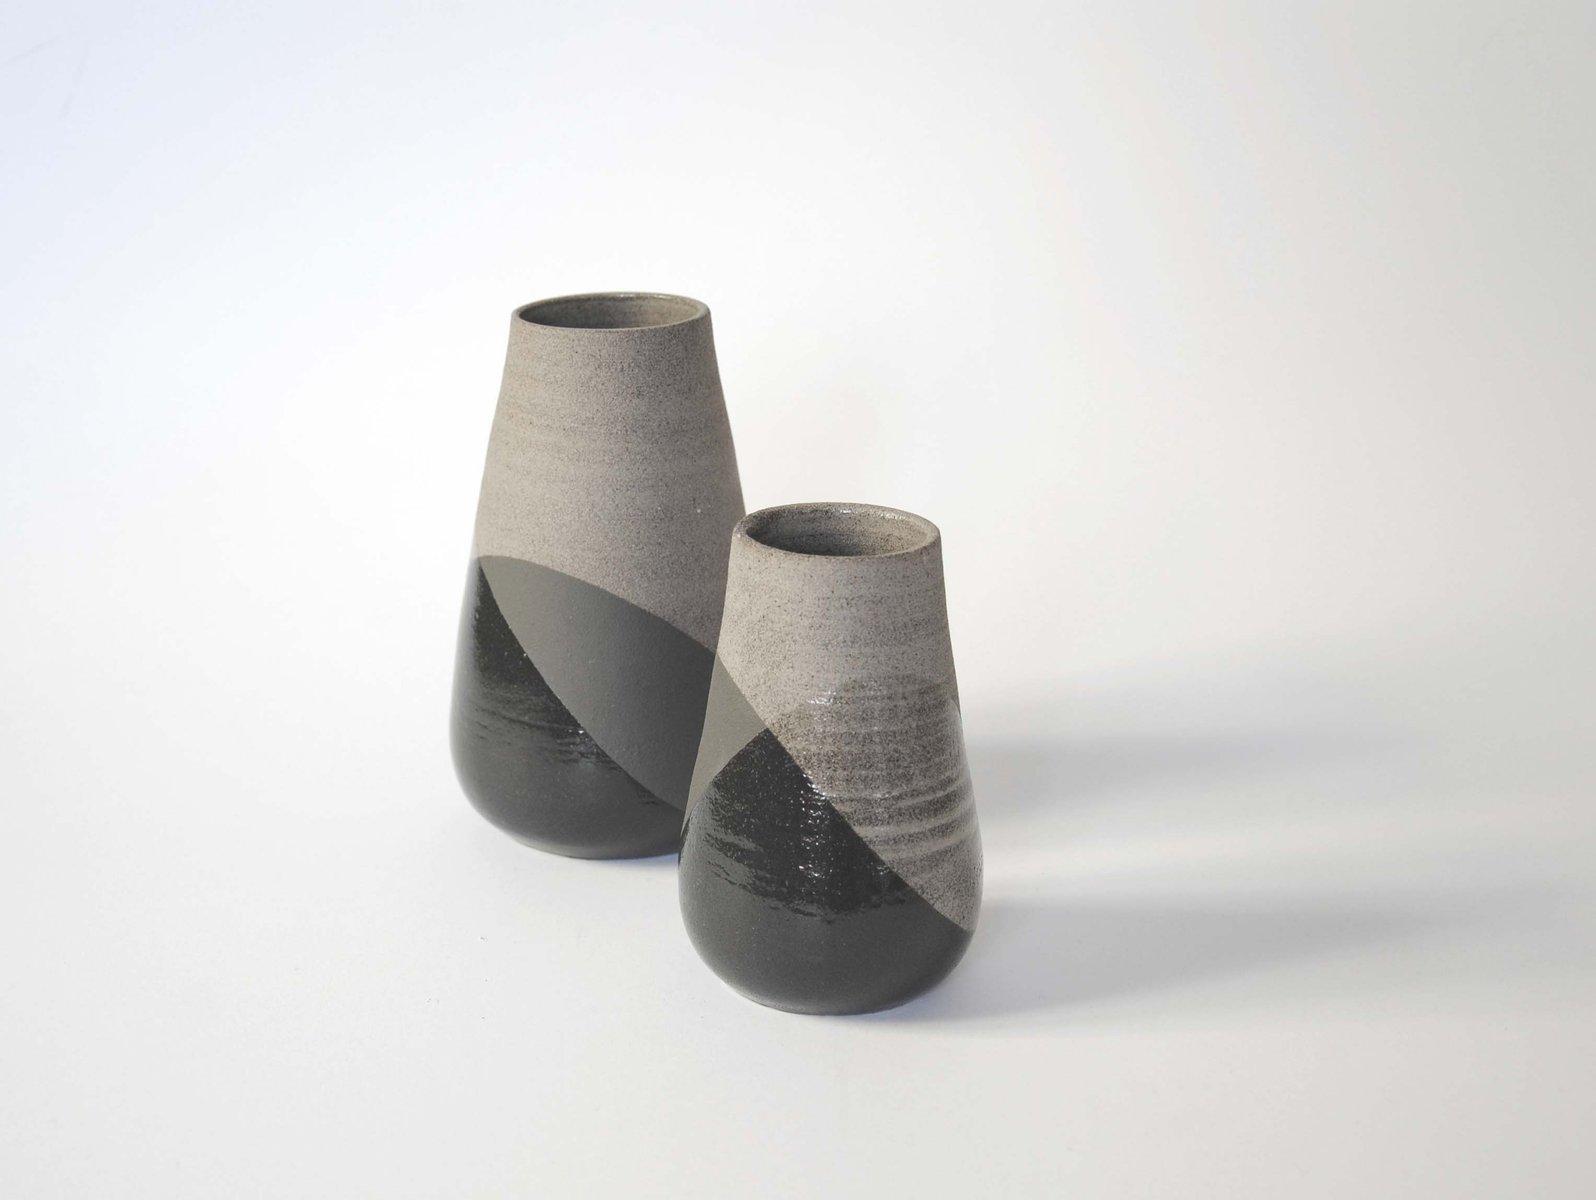 grand vase gris et noir par anbo design pour anja borgersrud en vente sur pamono. Black Bedroom Furniture Sets. Home Design Ideas